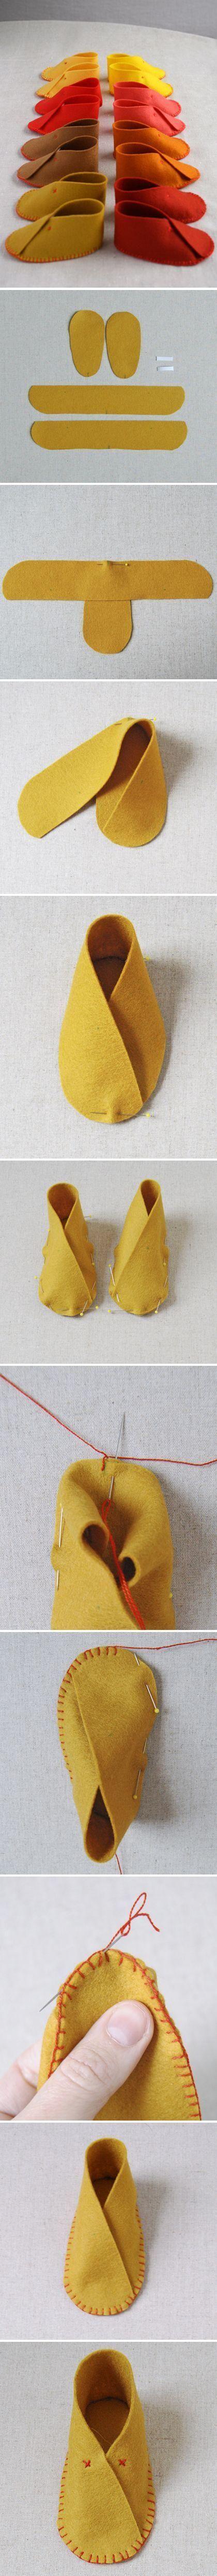 Pomysł na własnoręcznie robione buty - instrukcja: